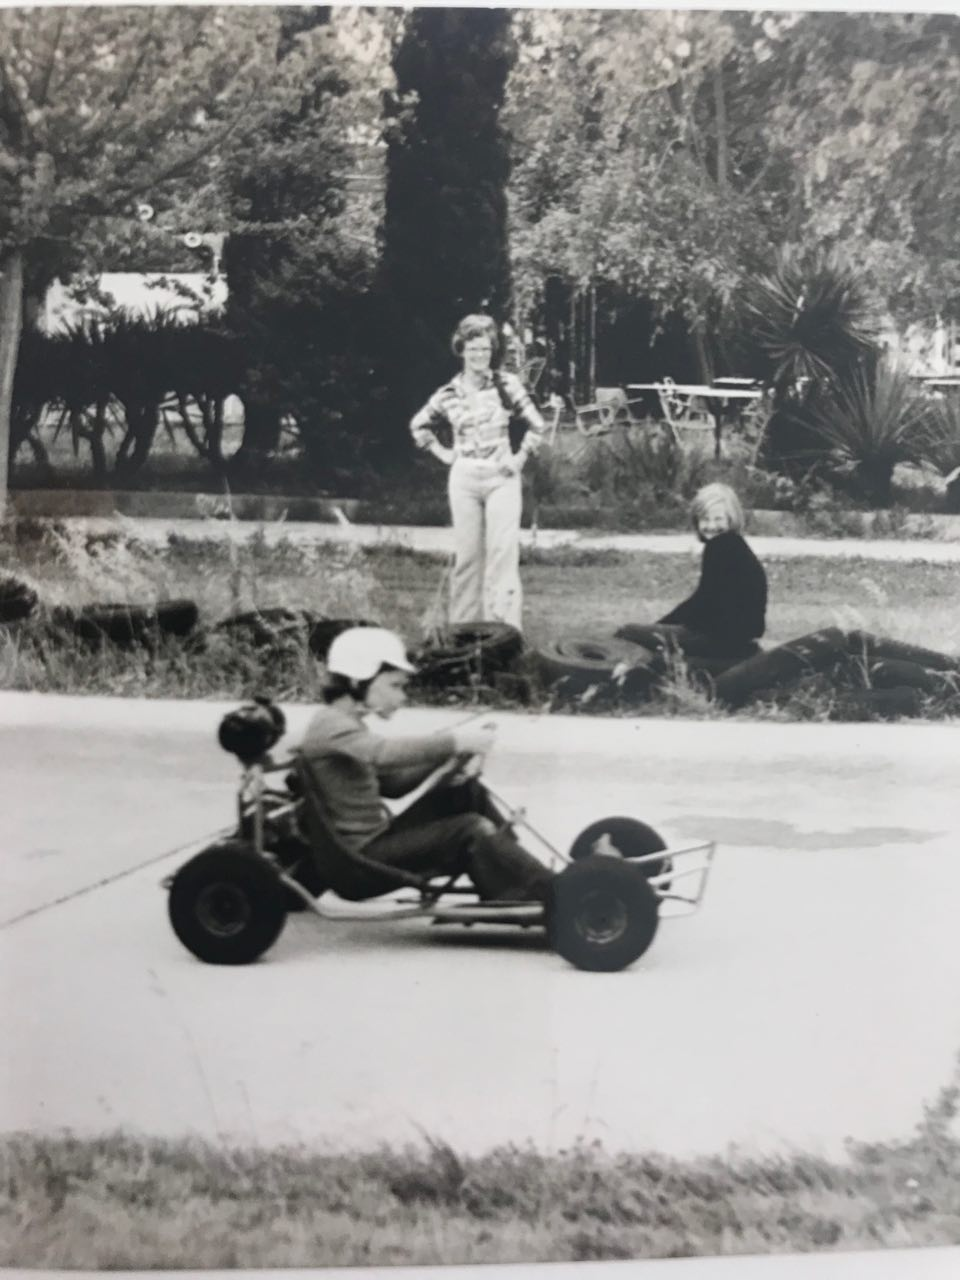 1974, als Niki Lauda in Spanje.